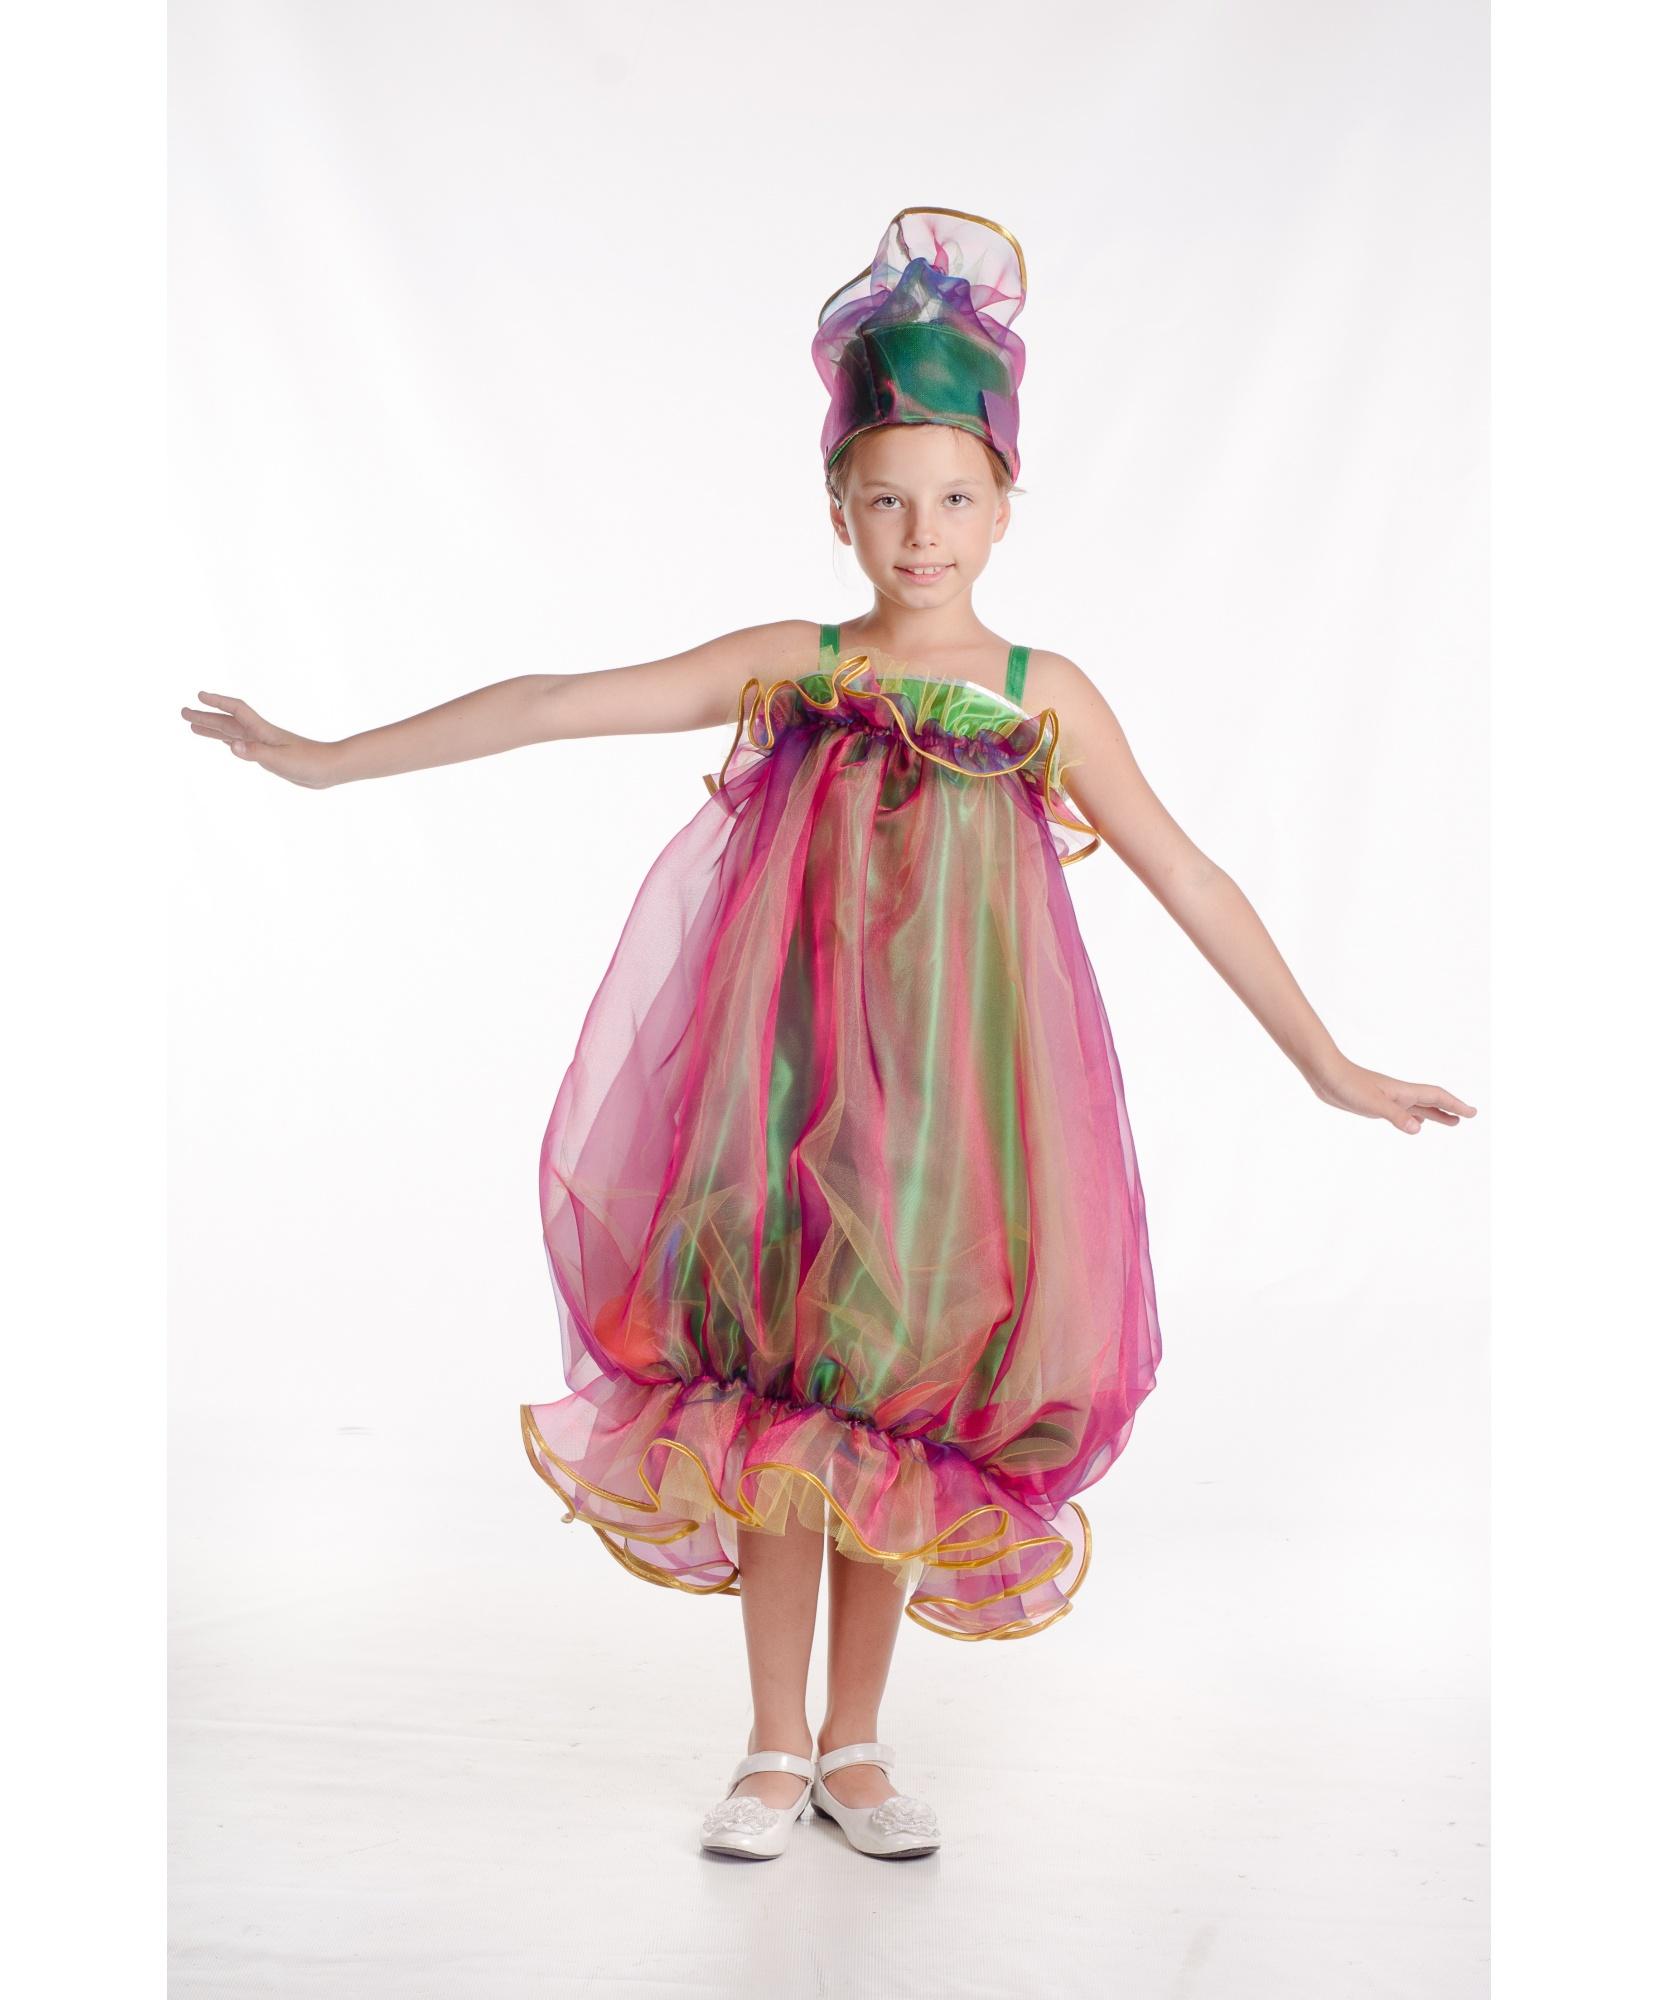 Новогодний костюм хлопушки: платье, головной убор (Украина) - photo#8